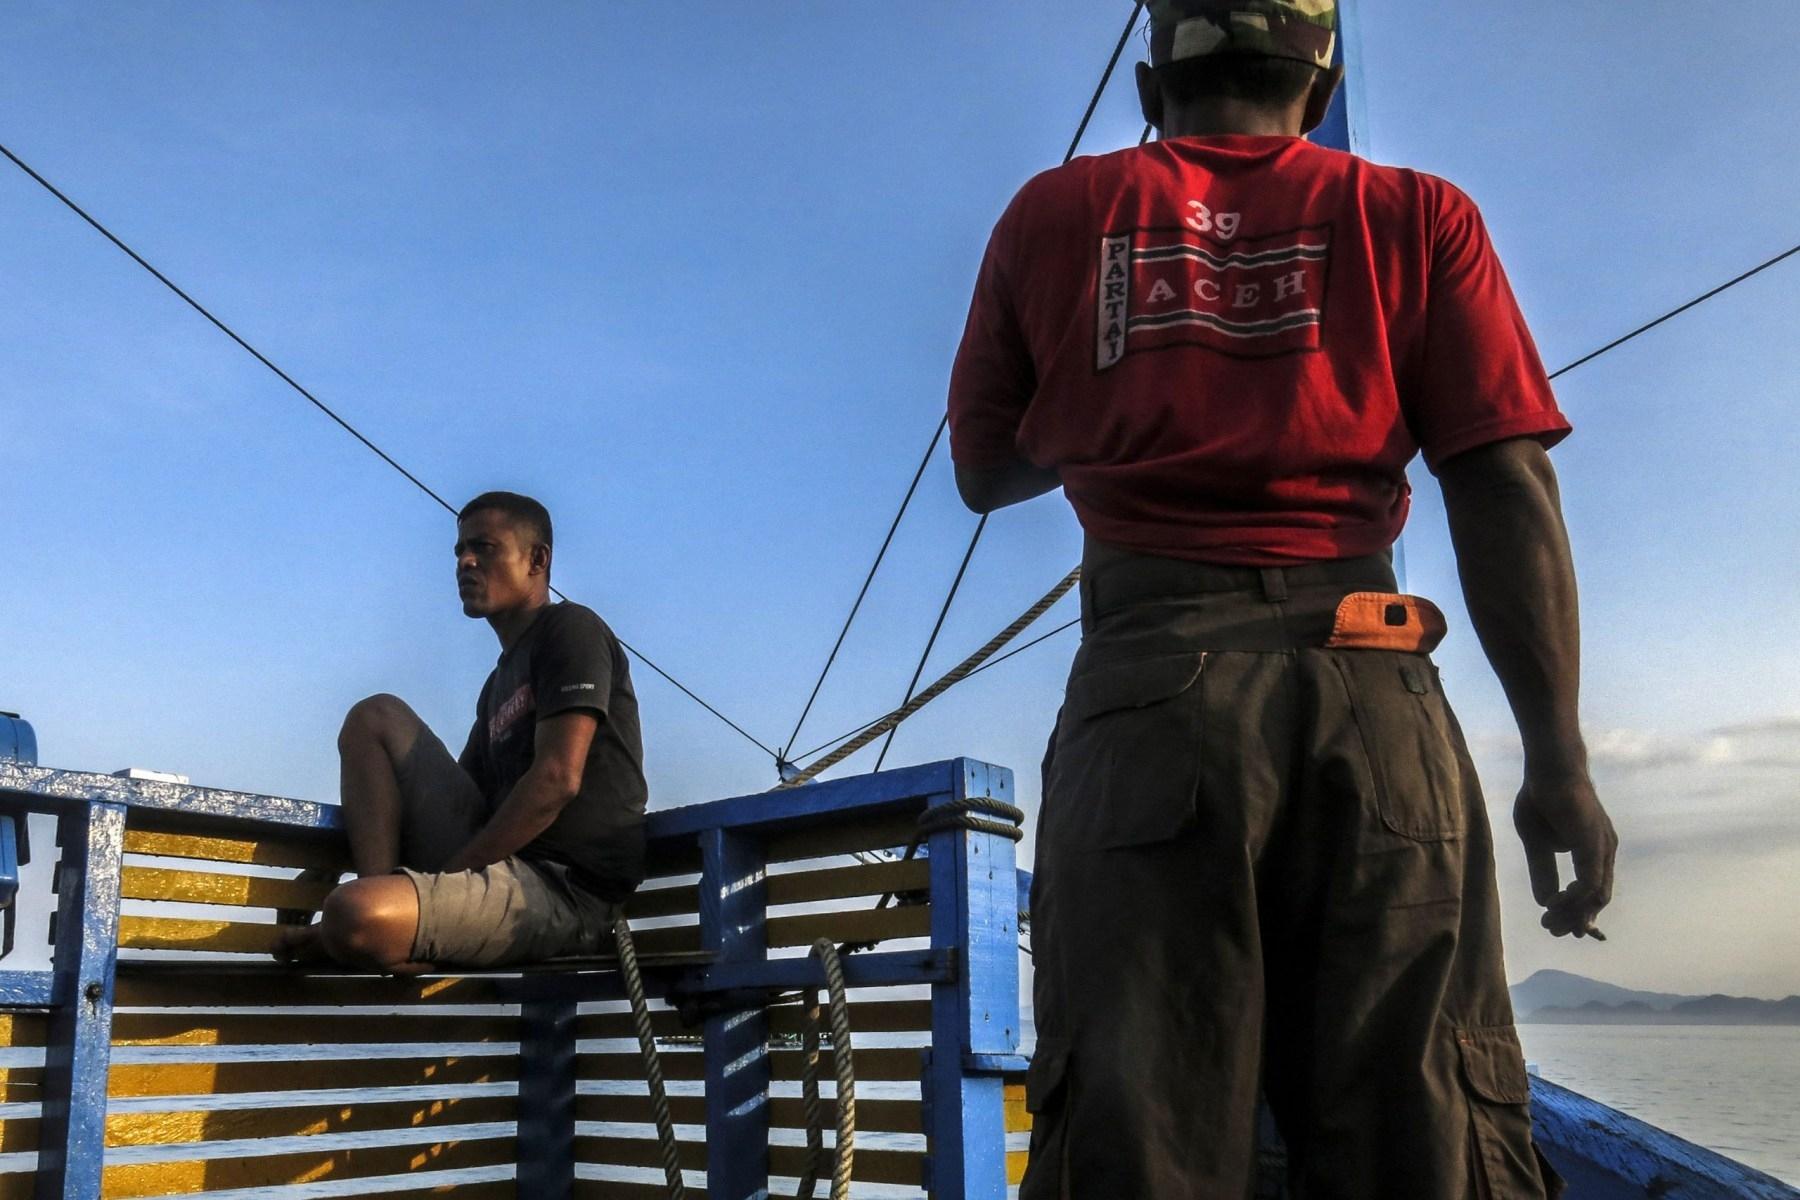 Nelayan bersantai di atas kapal palong, Sabtu (21/4/2018). Setiap minggunya, para nelayan meraih penghasilan kotor antara lima juta hingga sepuluh juta rupiah perminggu.